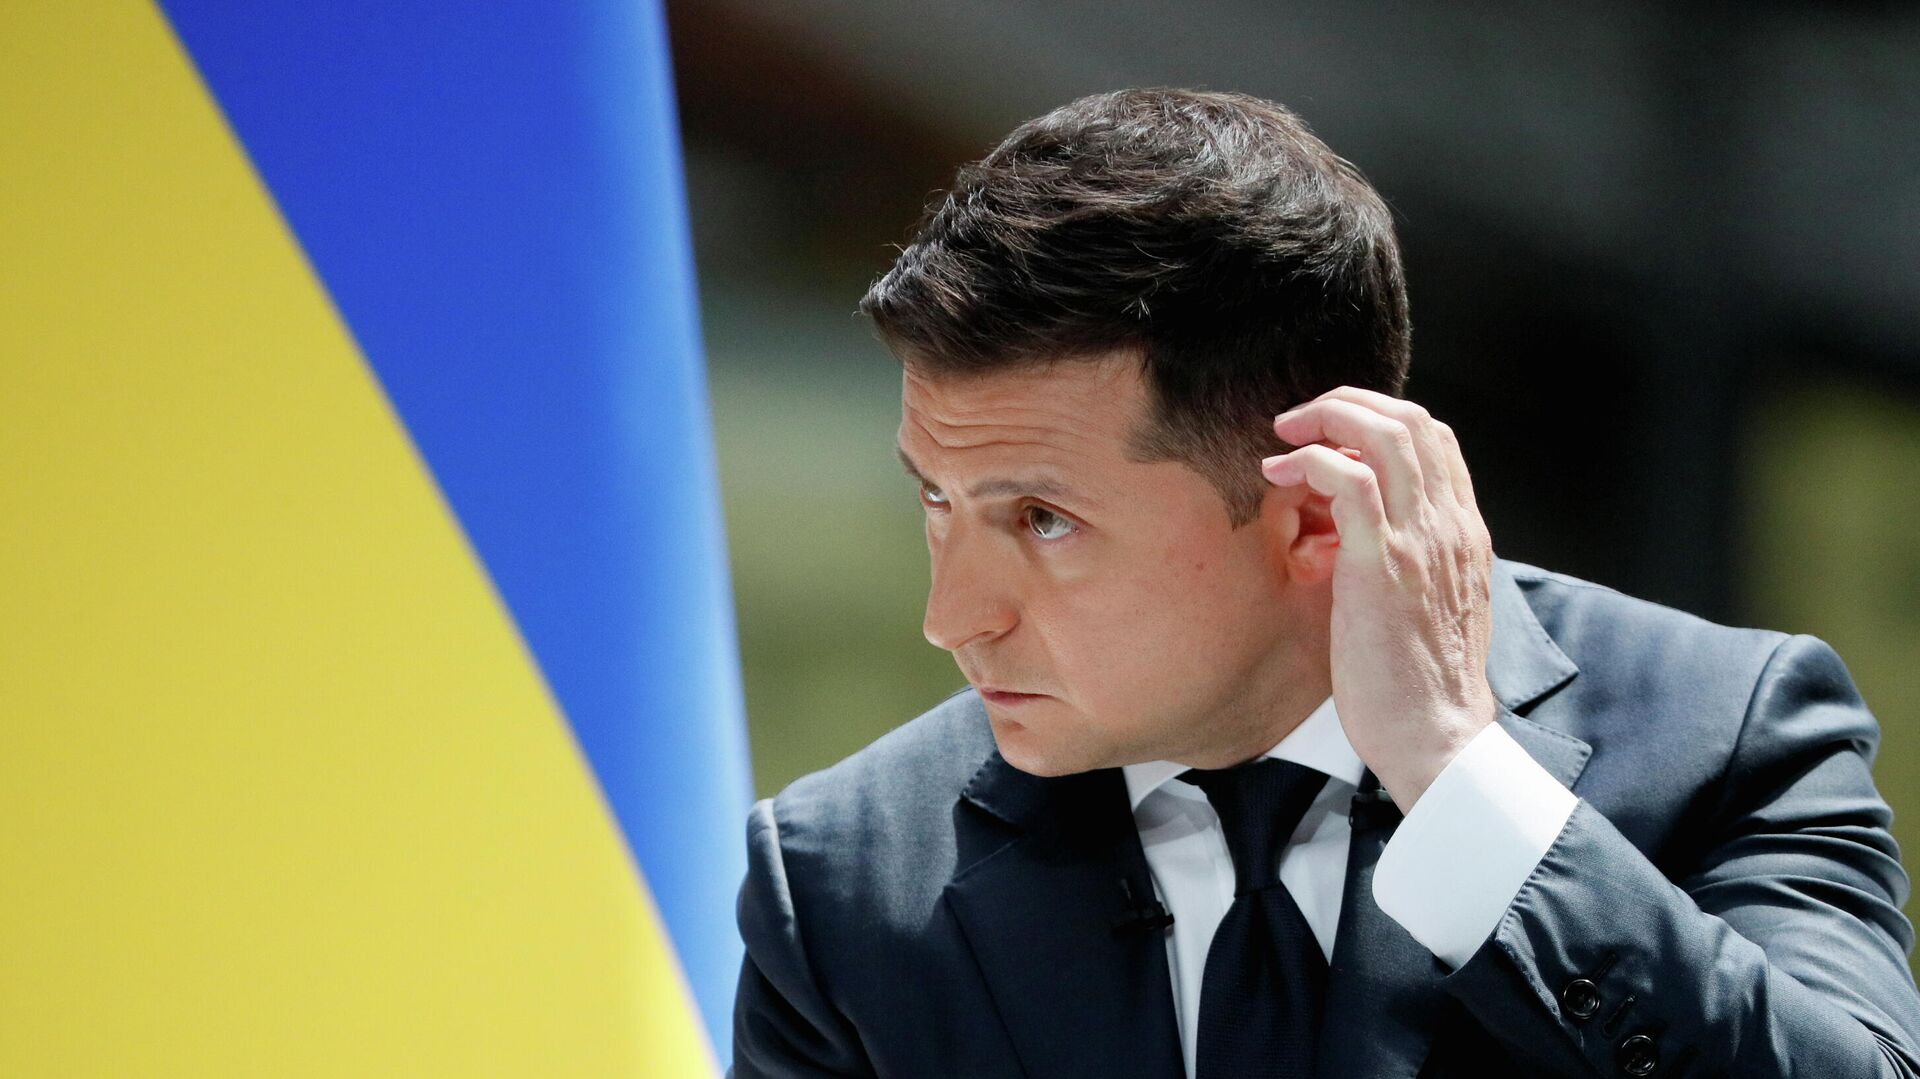 Президент Украины Владимир Зеленский во время пресс-конференции по итогам второго года своей работы на авиазаводе Антонов - РИА Новости, 1920, 11.06.2021